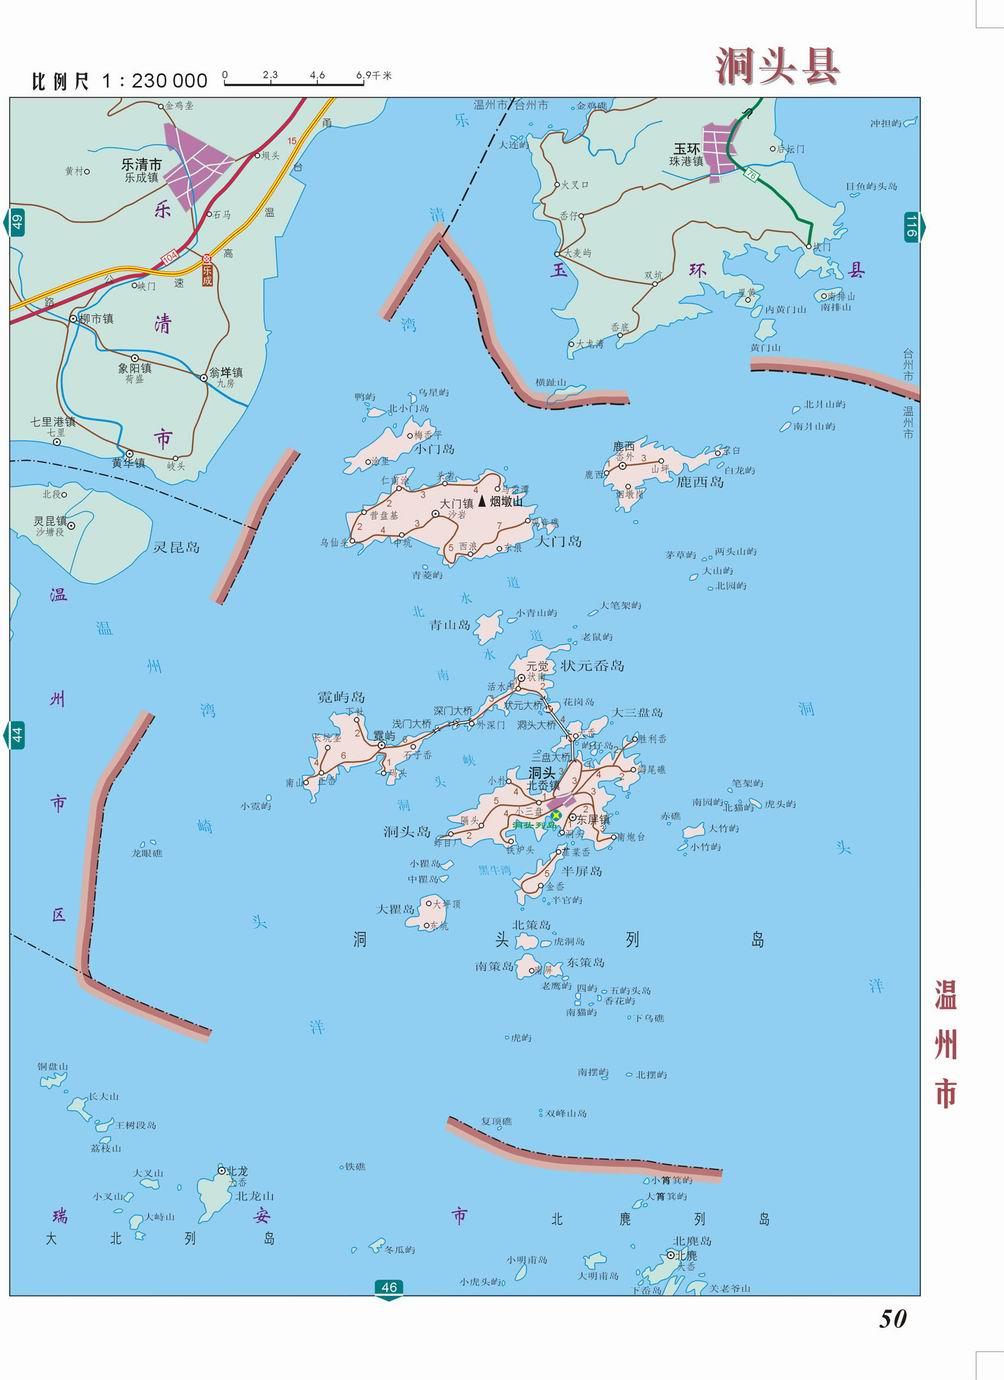 北京旅游攻略 发张洞头地图    竹屿景区位于洞头县城东侧约3.